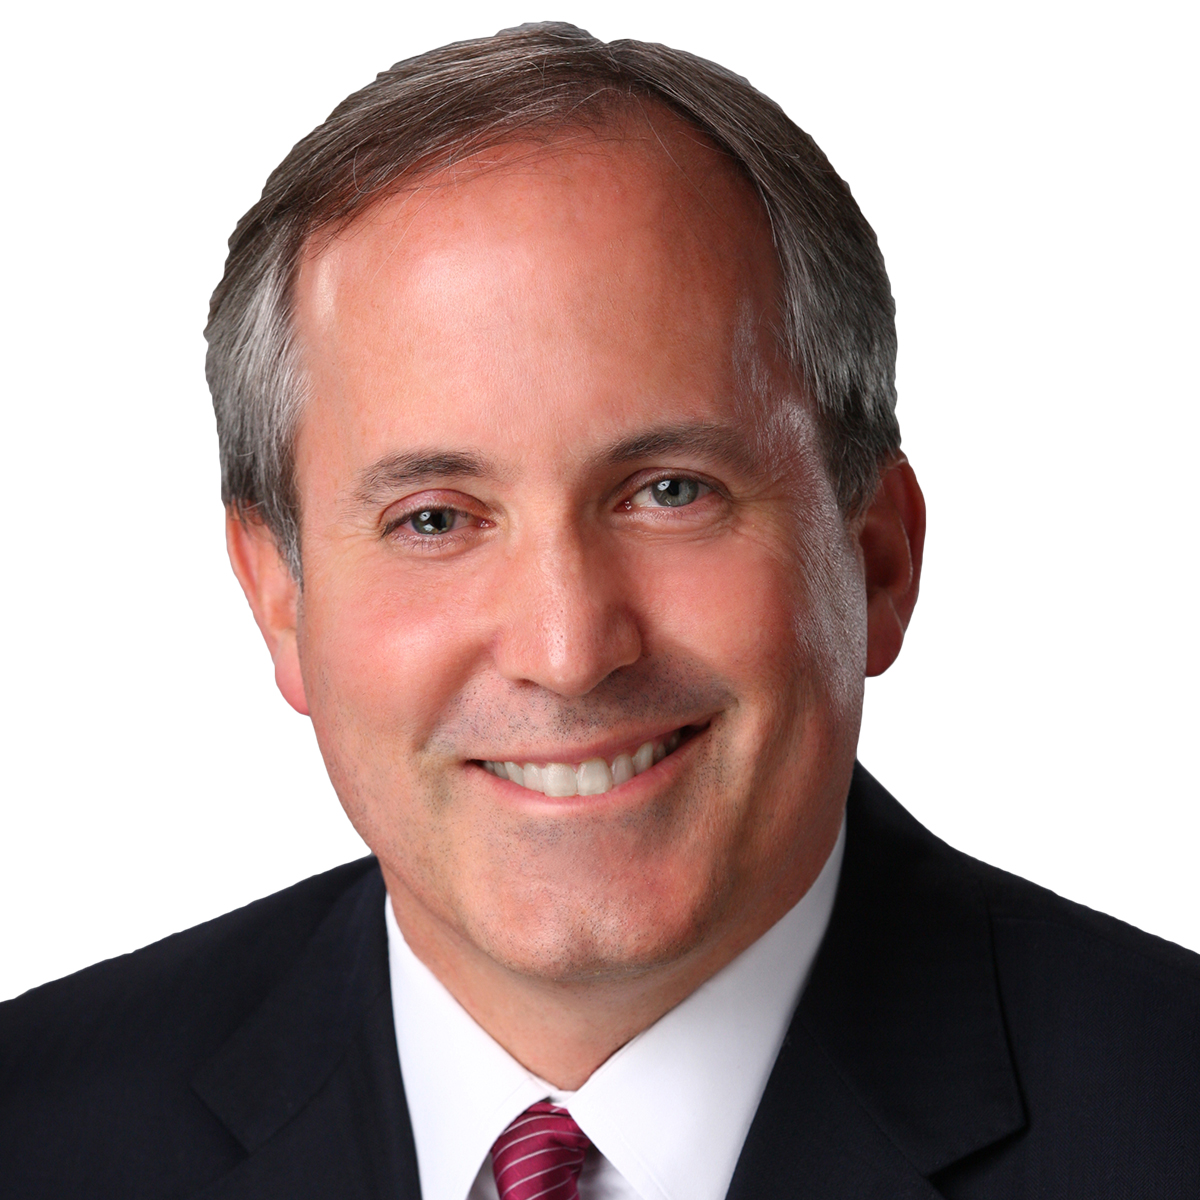 Attorney General Ken Paxton